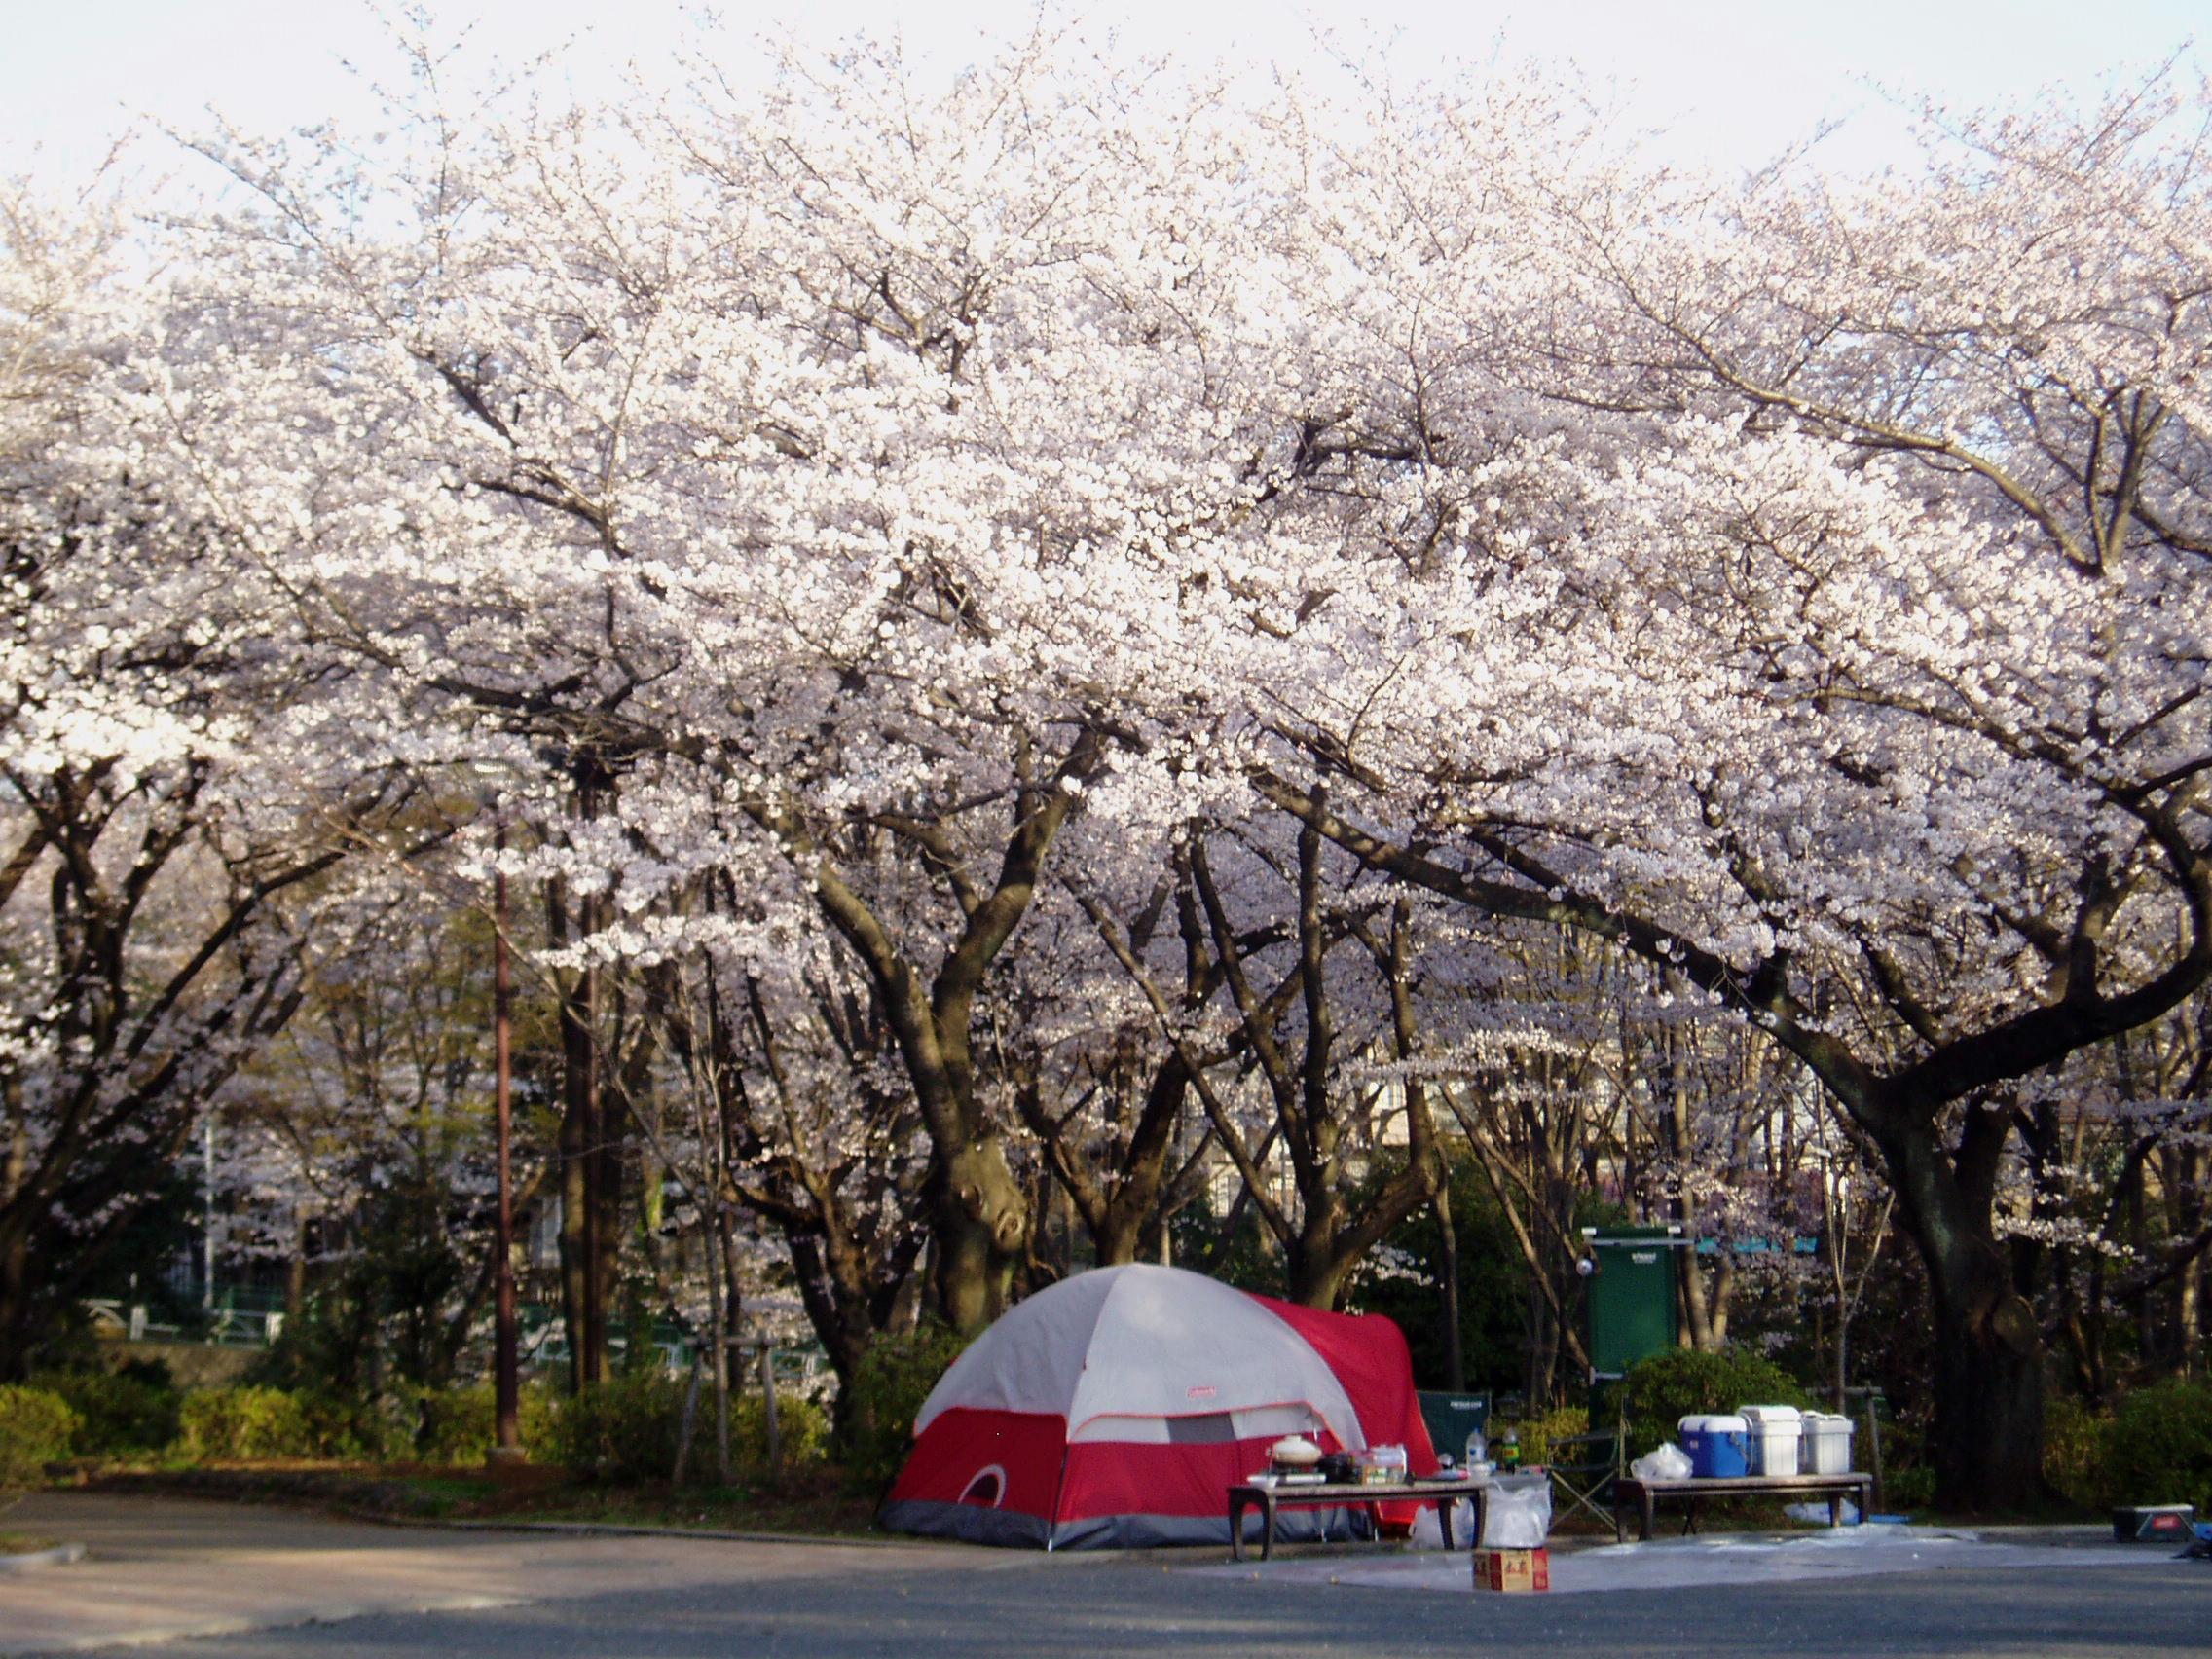 三ッ沢の桜の花見にテントまで出現 お花見桜フォト: お花見日和☆桜色ブログ スマートフォン専用ペ